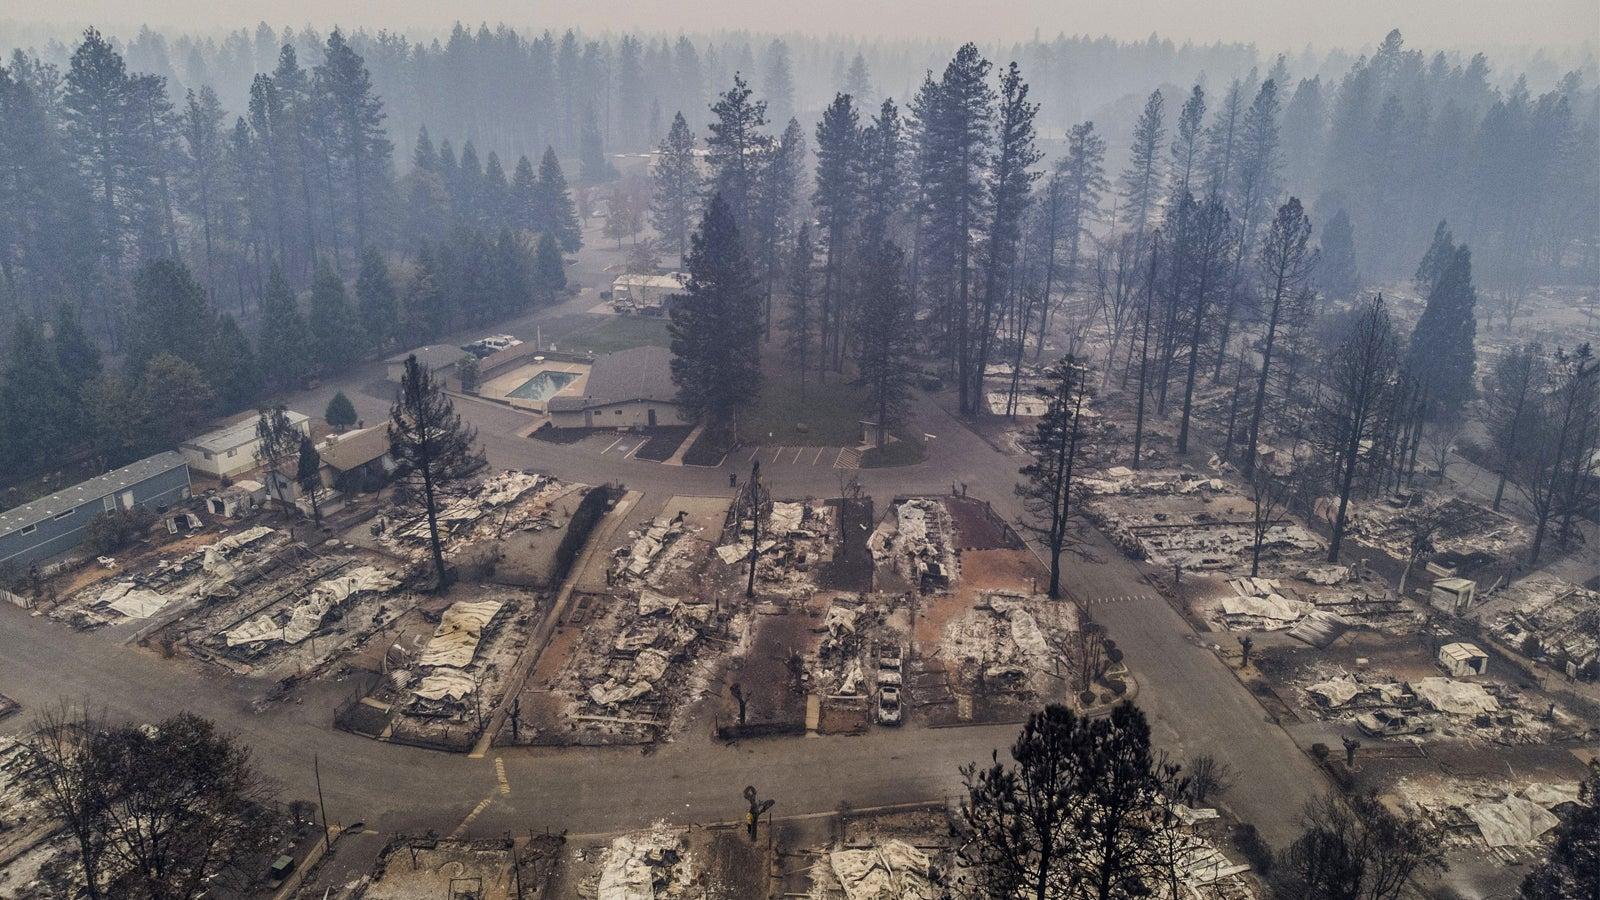 Feuer-Katastrophe in Kalifornien: Zahl der Toten bei Waldbränden steigt auf 50